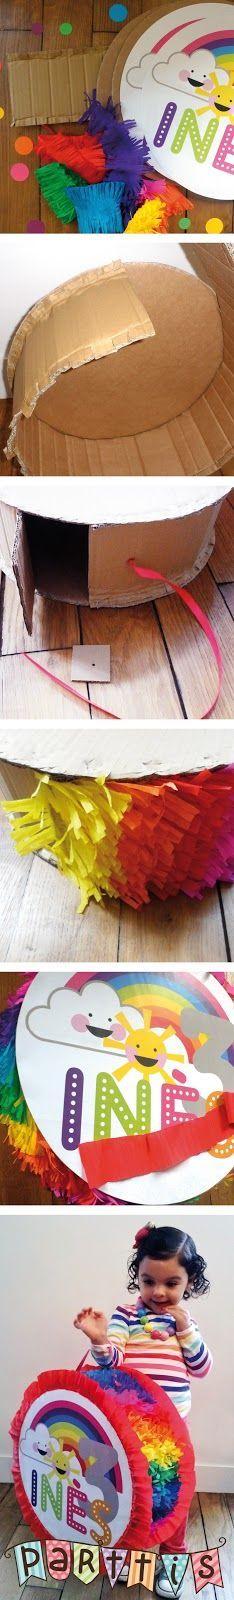 PARTTIS: Tutorial :: ¿Cómo hacer una piñata de tambor?